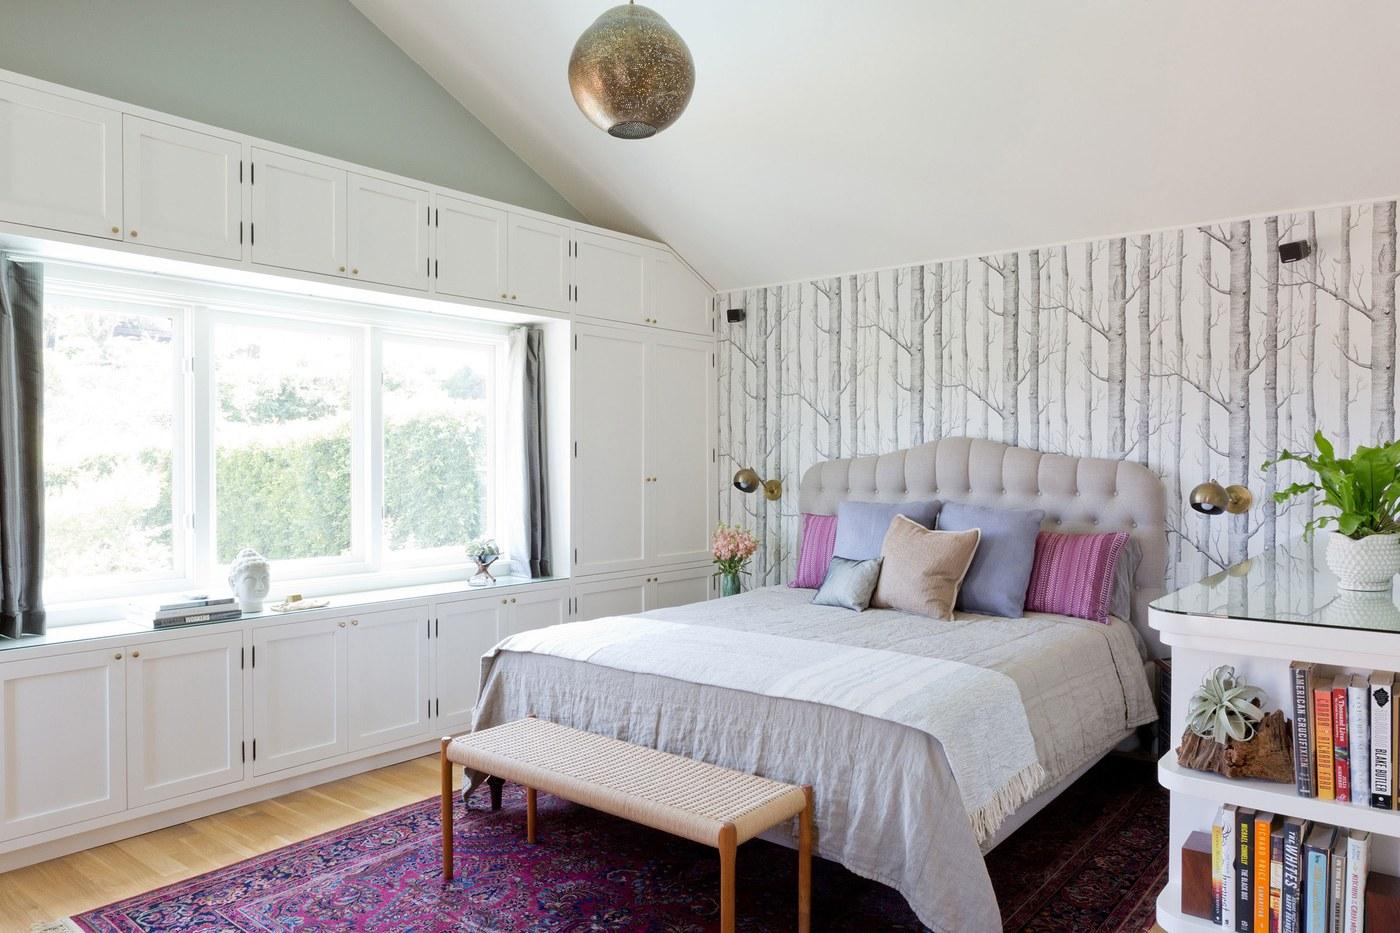 01-armarios-emolduram-a-janela-em-quarto-de-casal